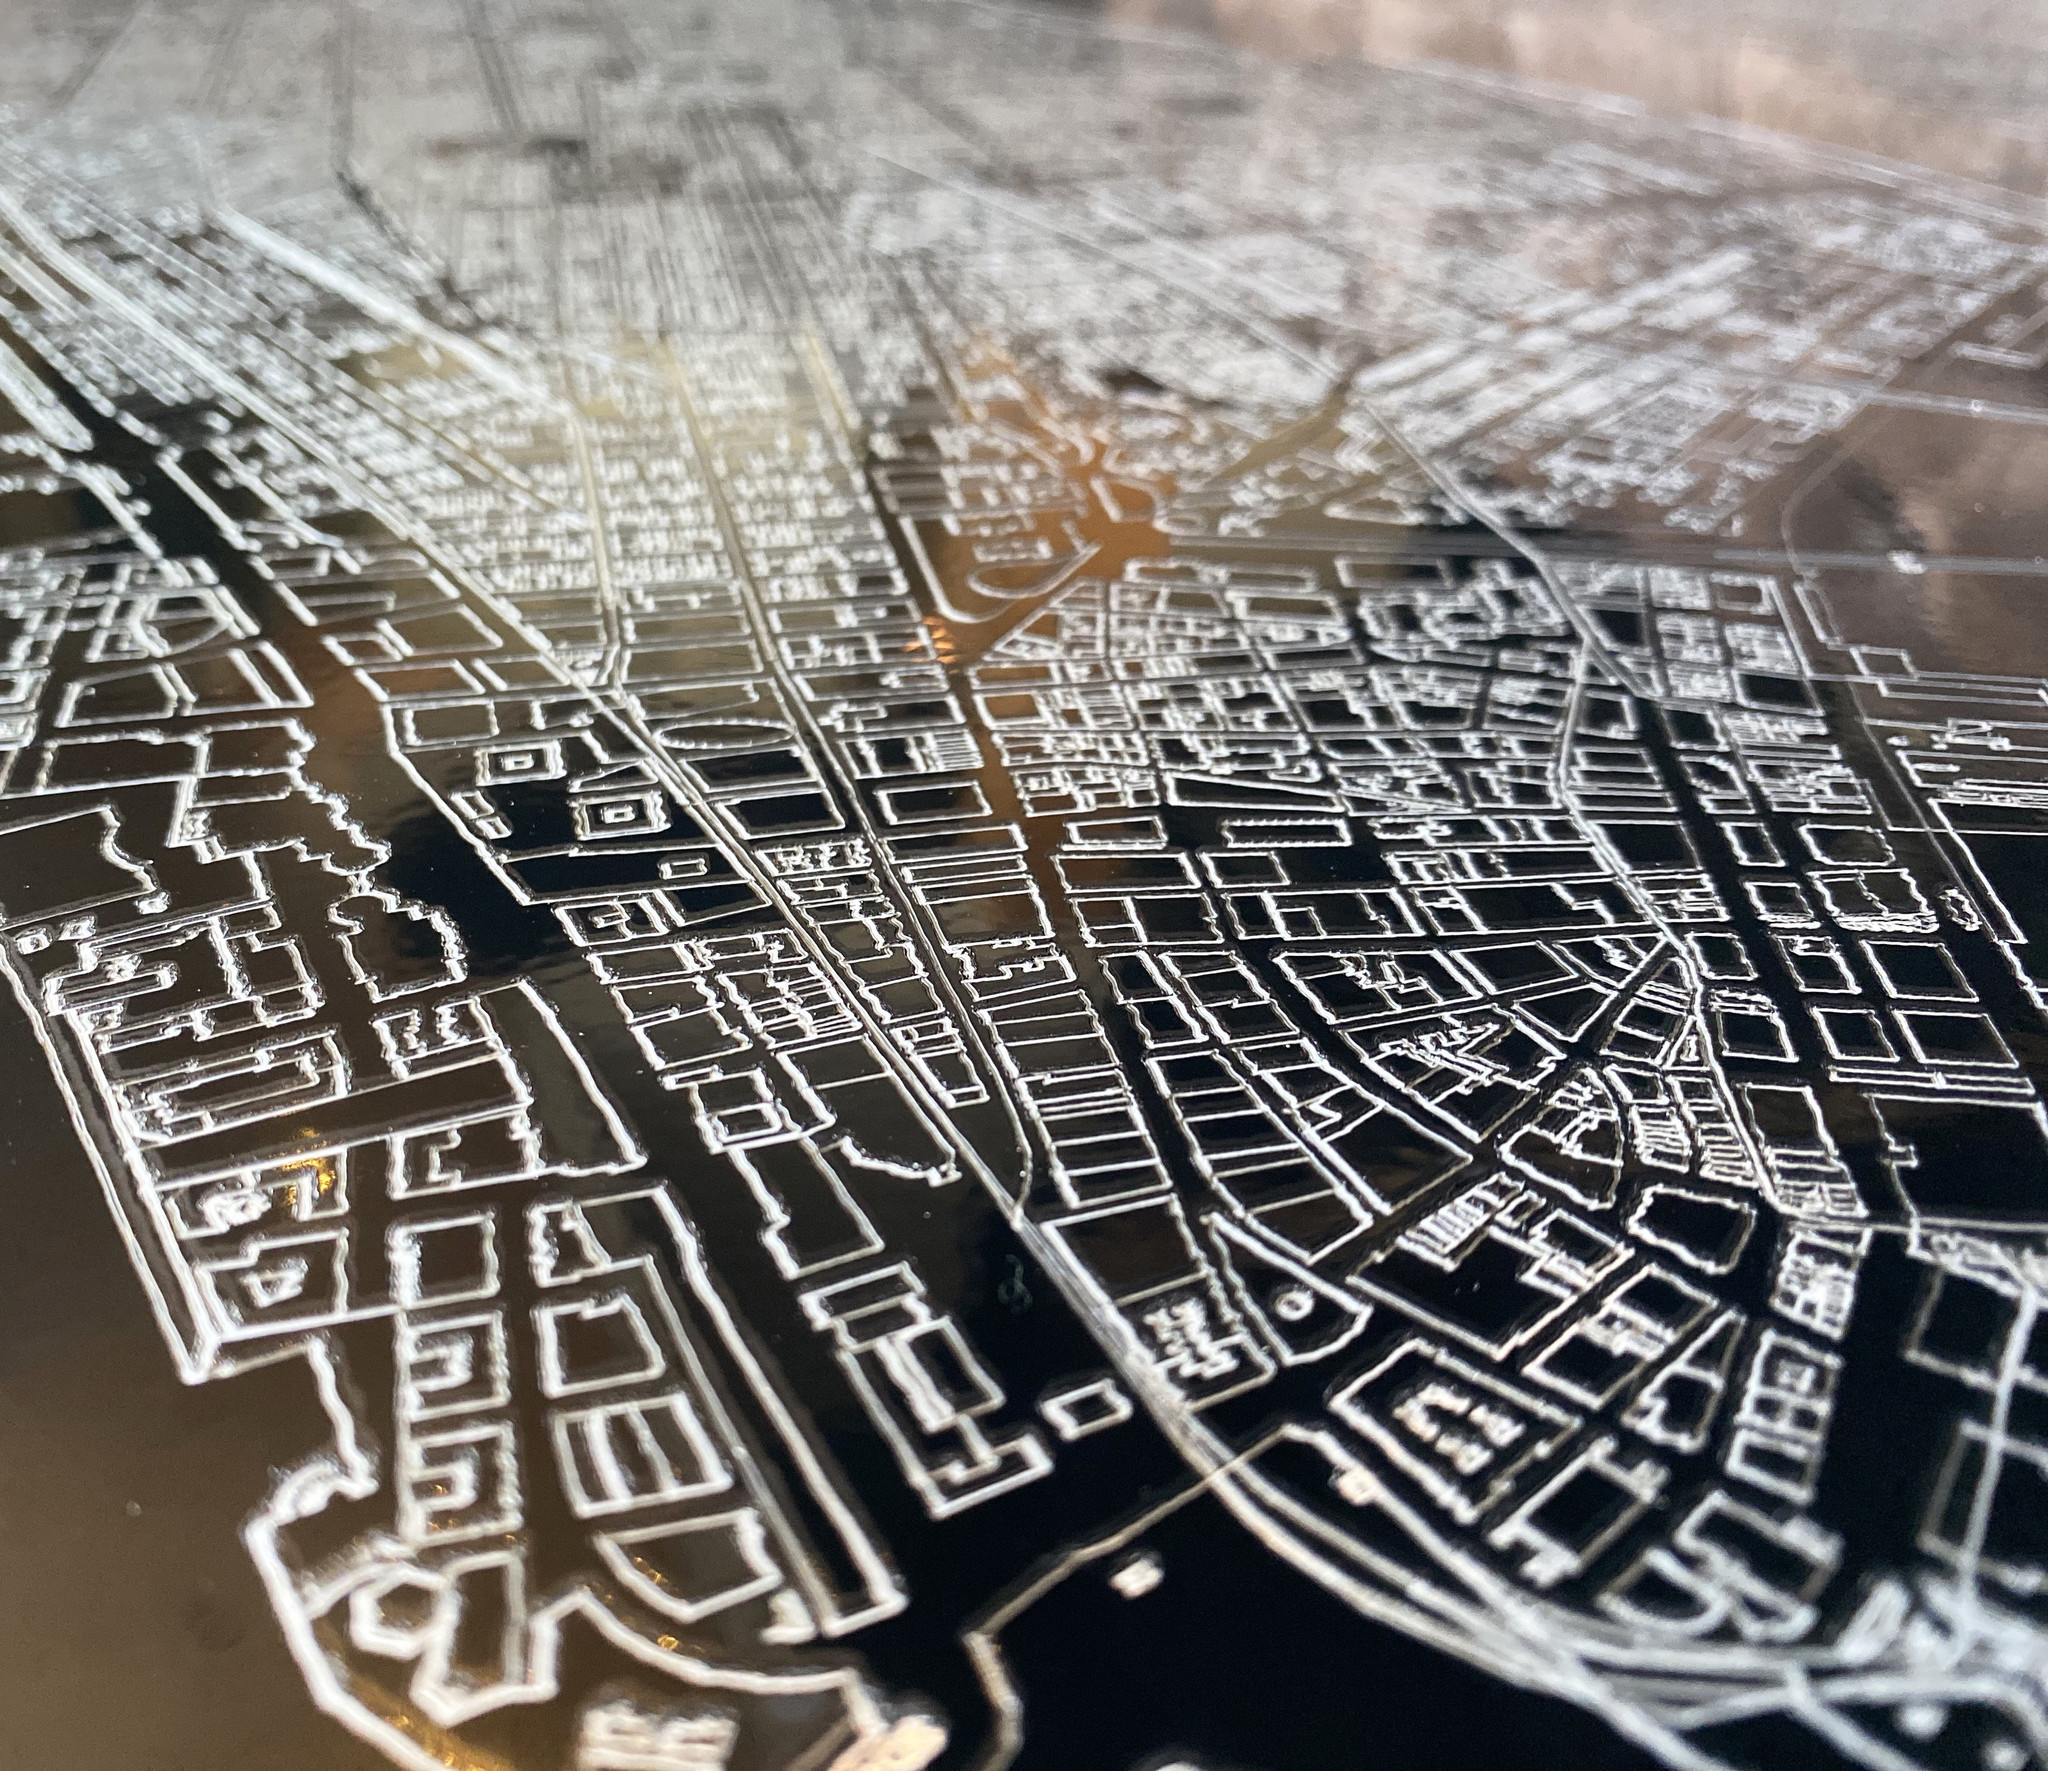 Stadtkarte Metal Krakau-4